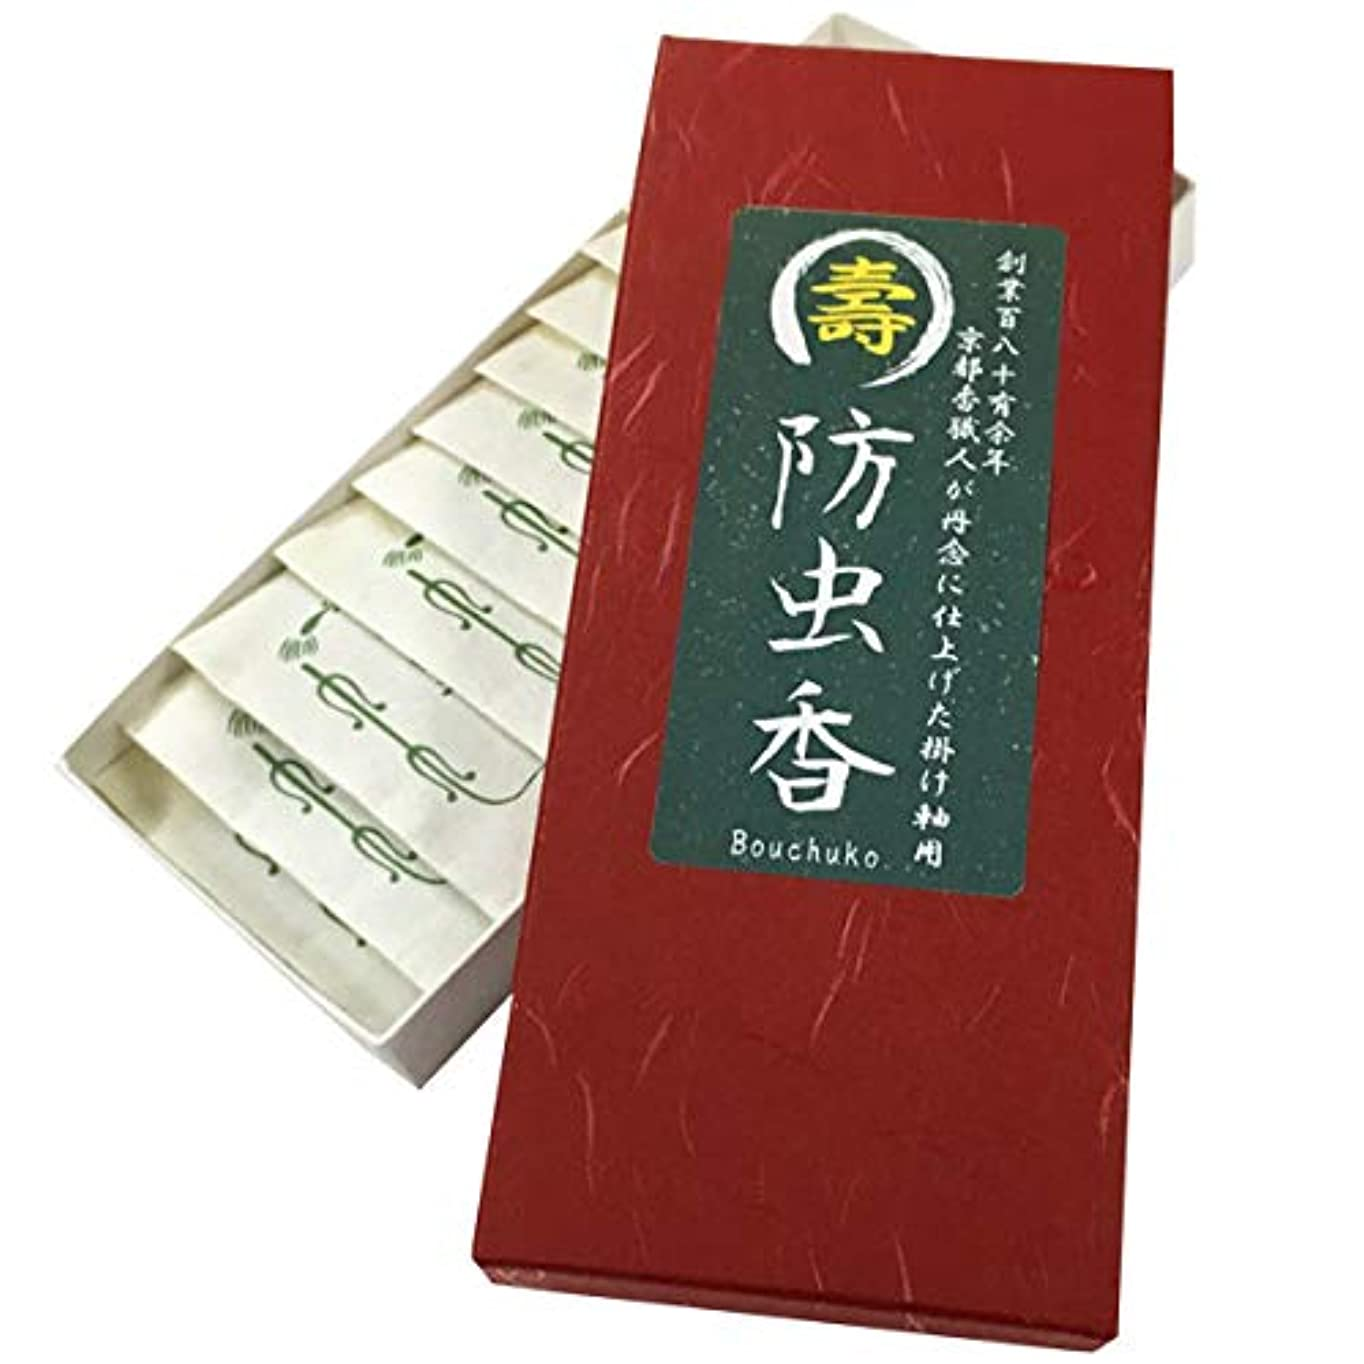 相談する逆に神秘的な掛軸防虫香 壽印の防虫香 1袋10箱入り